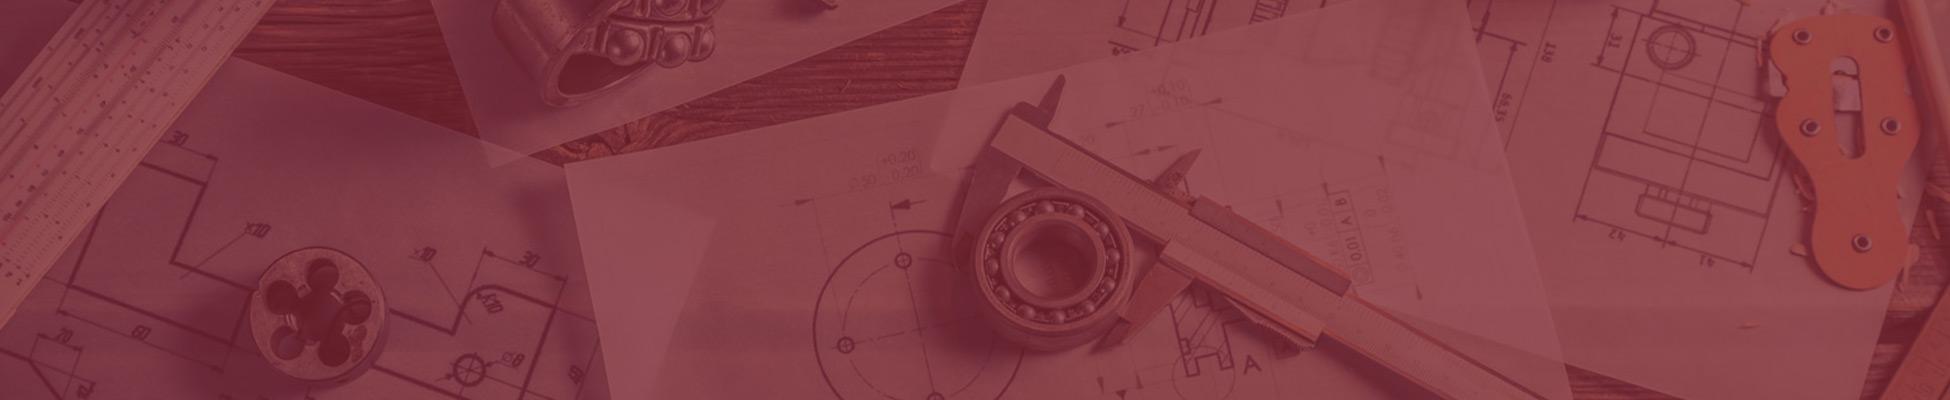 Planungsunterlagen und Messschieber